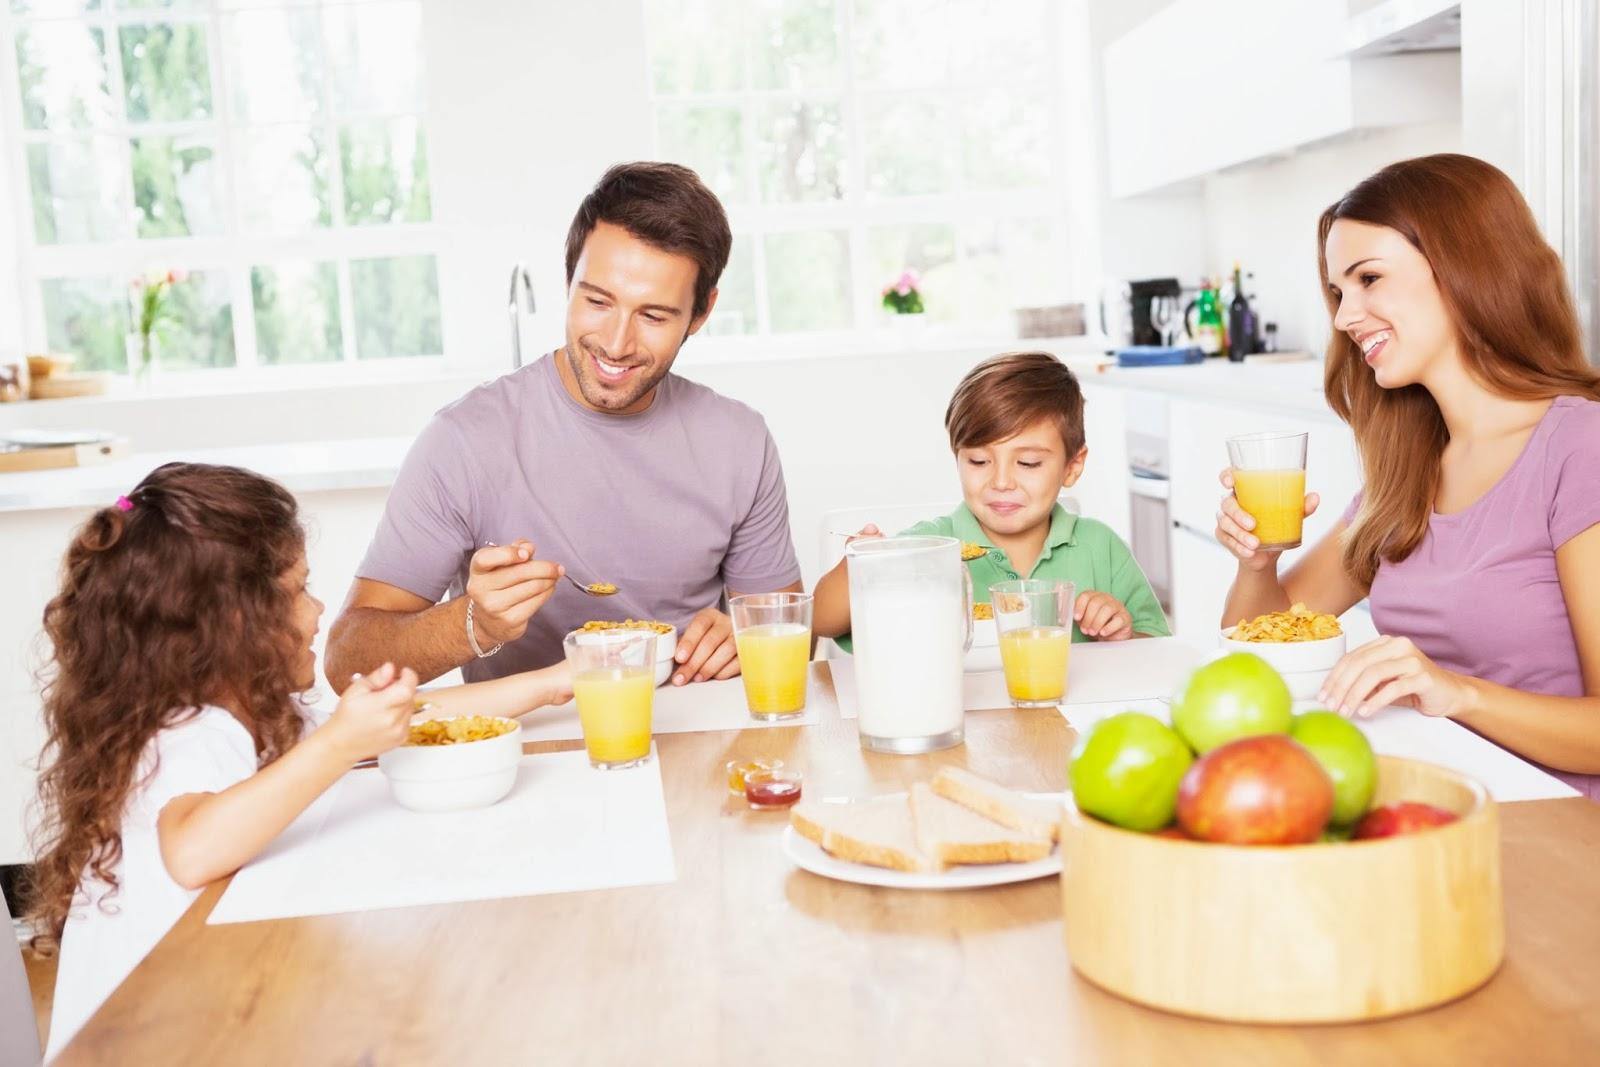 Arcolínea: Reformas de cocinas. Pareja con niño y niña desayunando felices en la cocina.